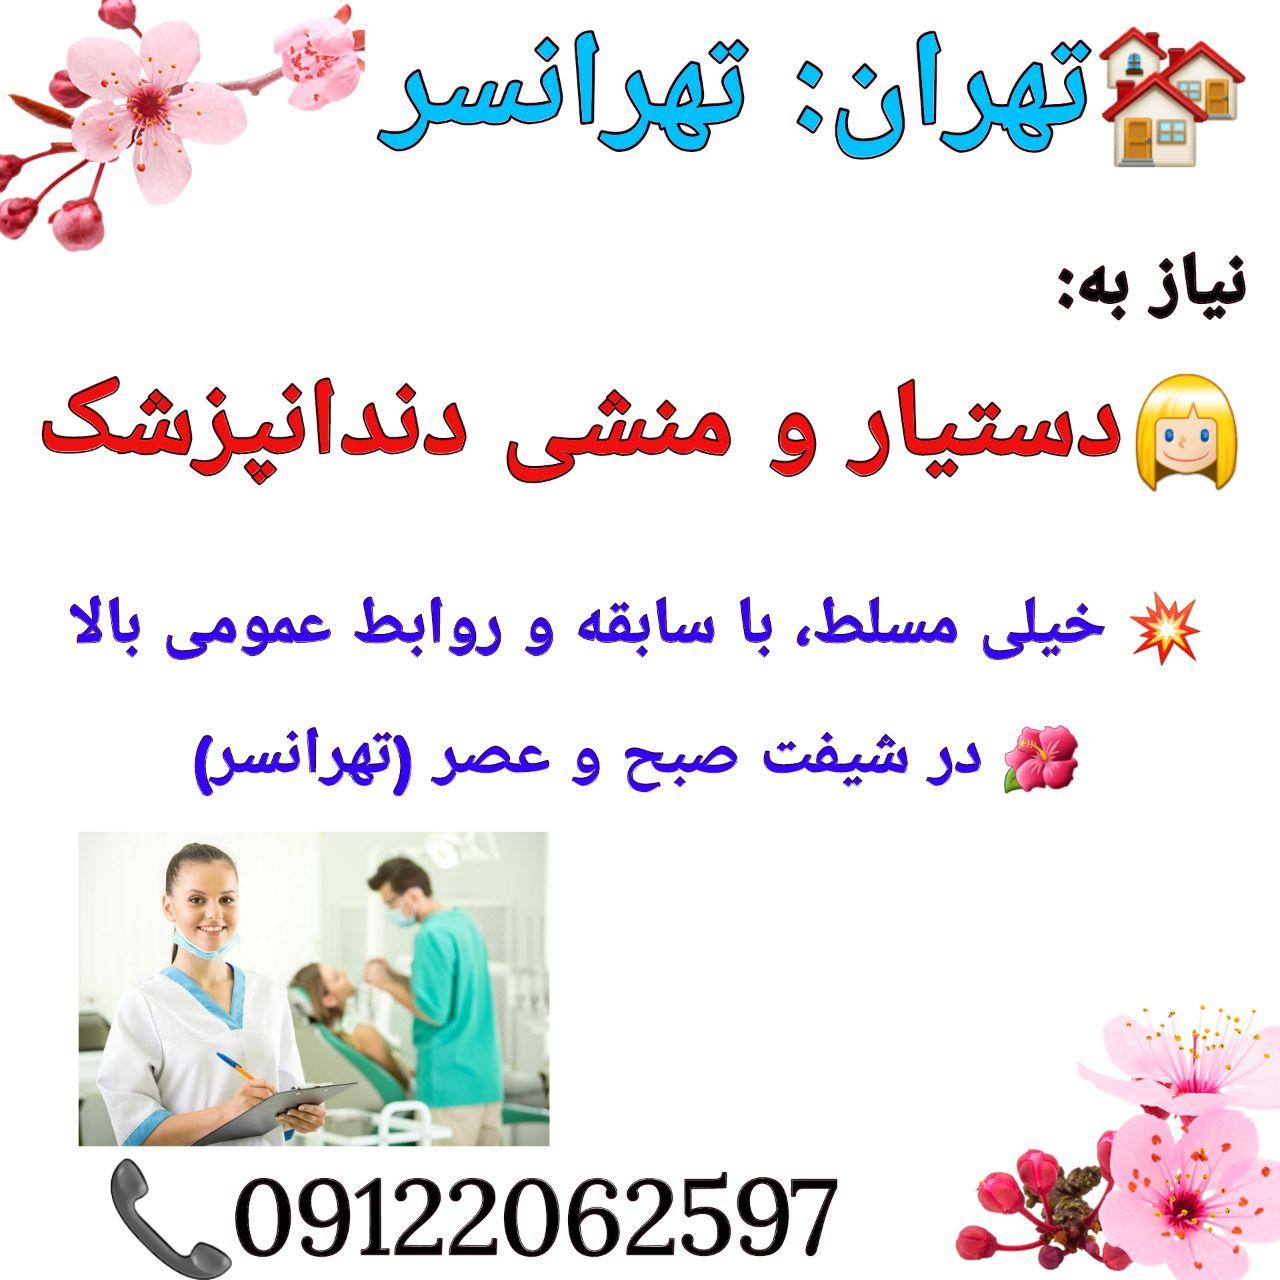 تهران: تهرانسر، نیاز به دستیار و منشی دندانپزشک